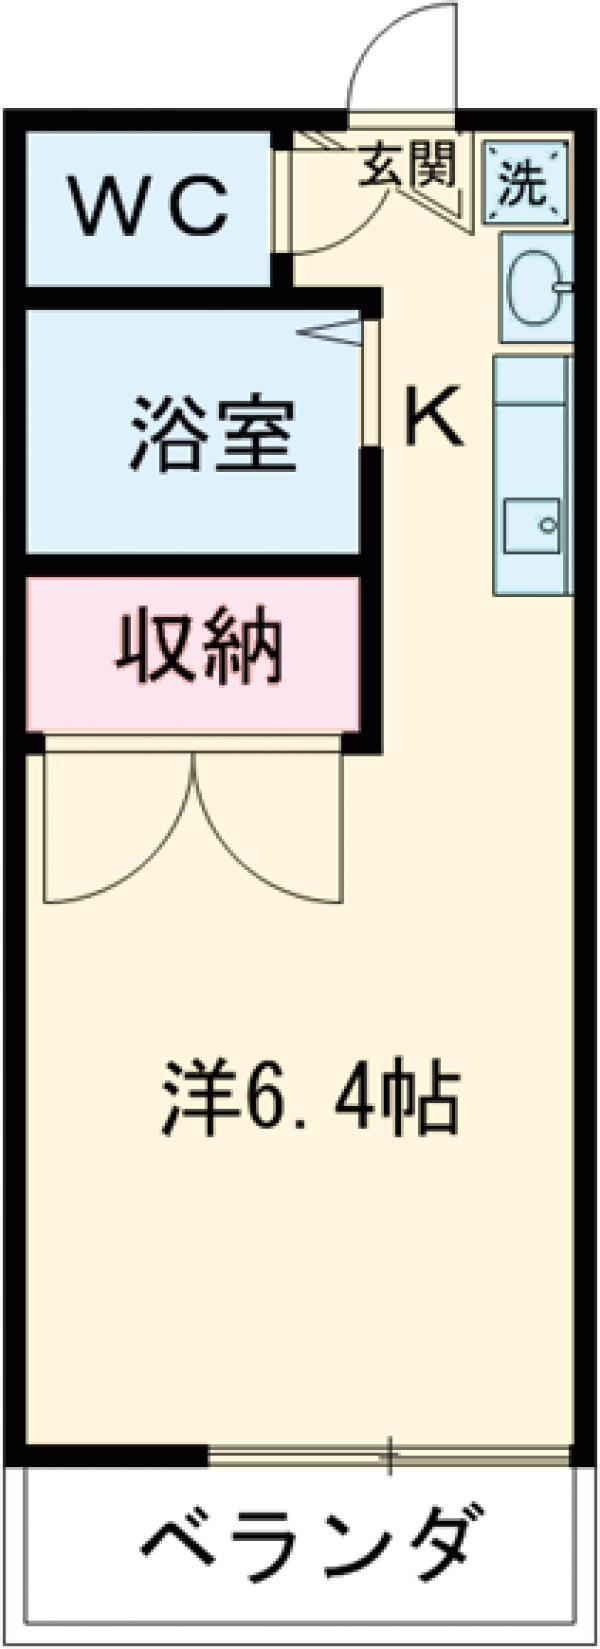 エスコート戸田公園・203号室の間取り